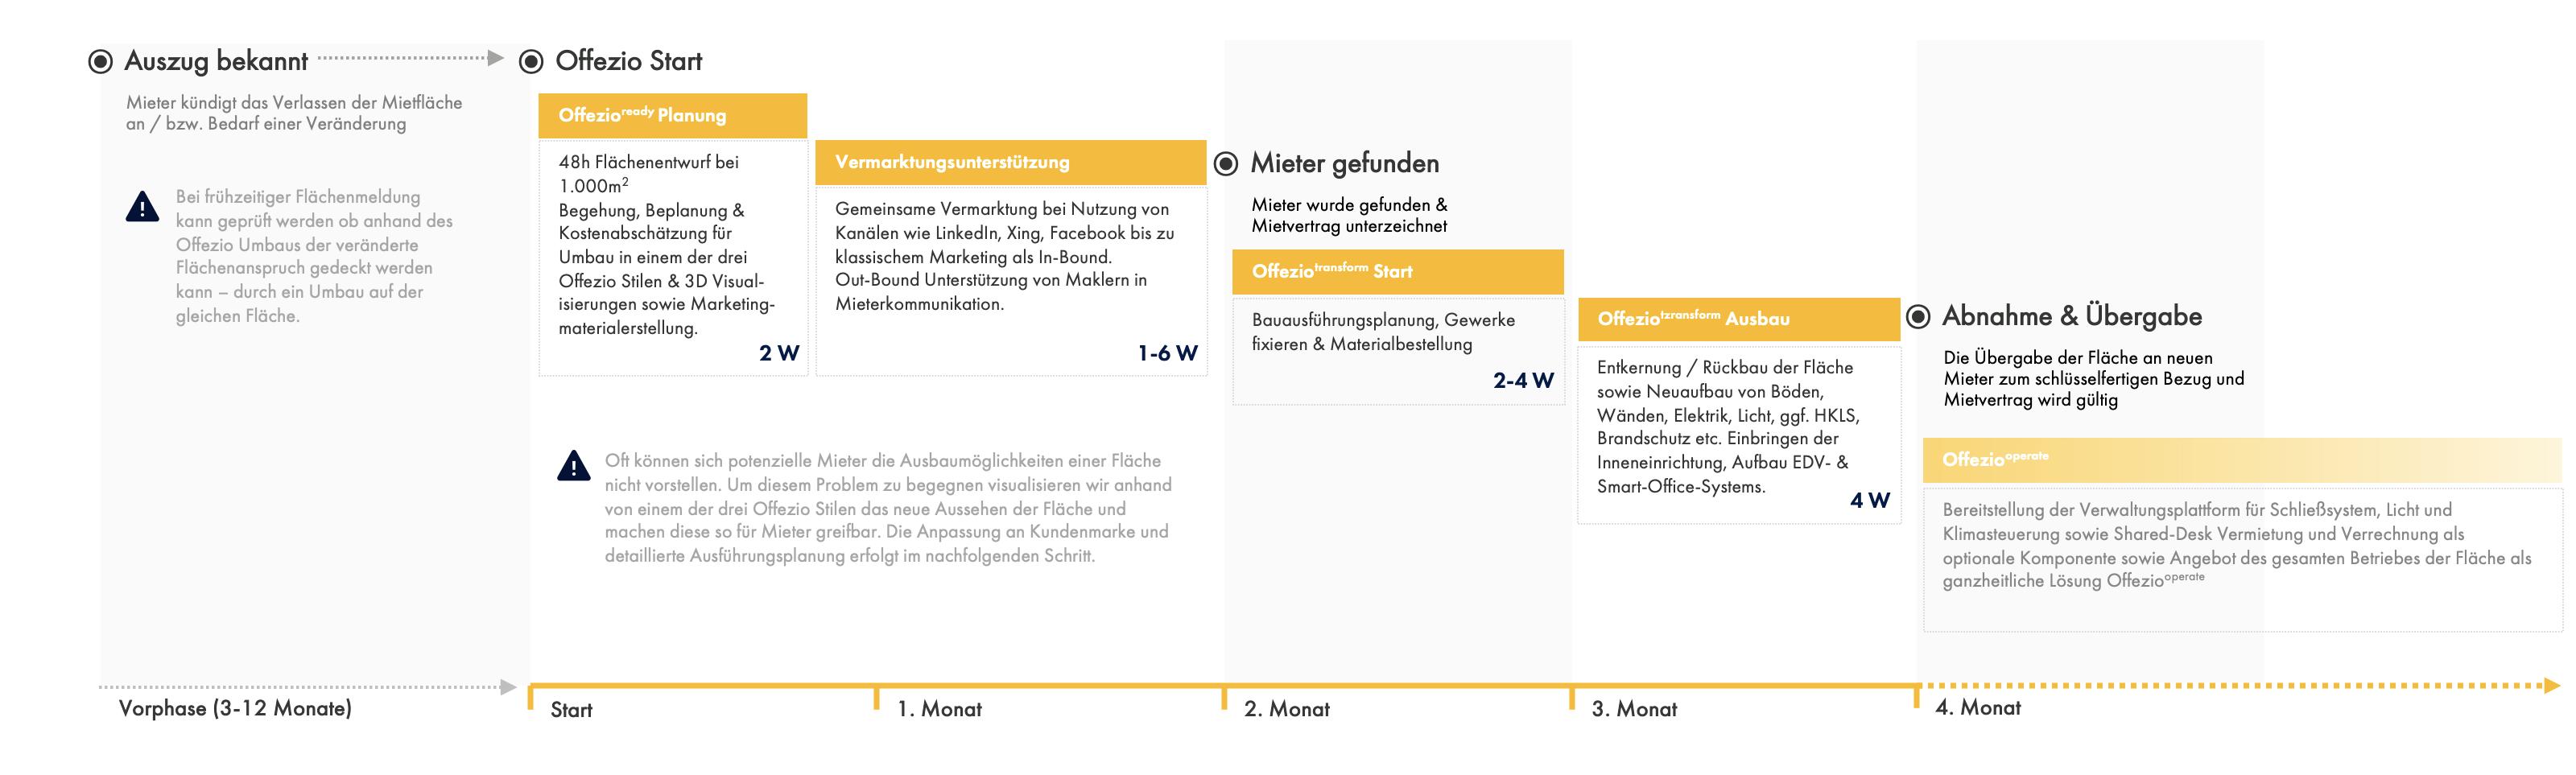 Grafik zeigt Ausführung und Ablauf eines Offezio Projekts